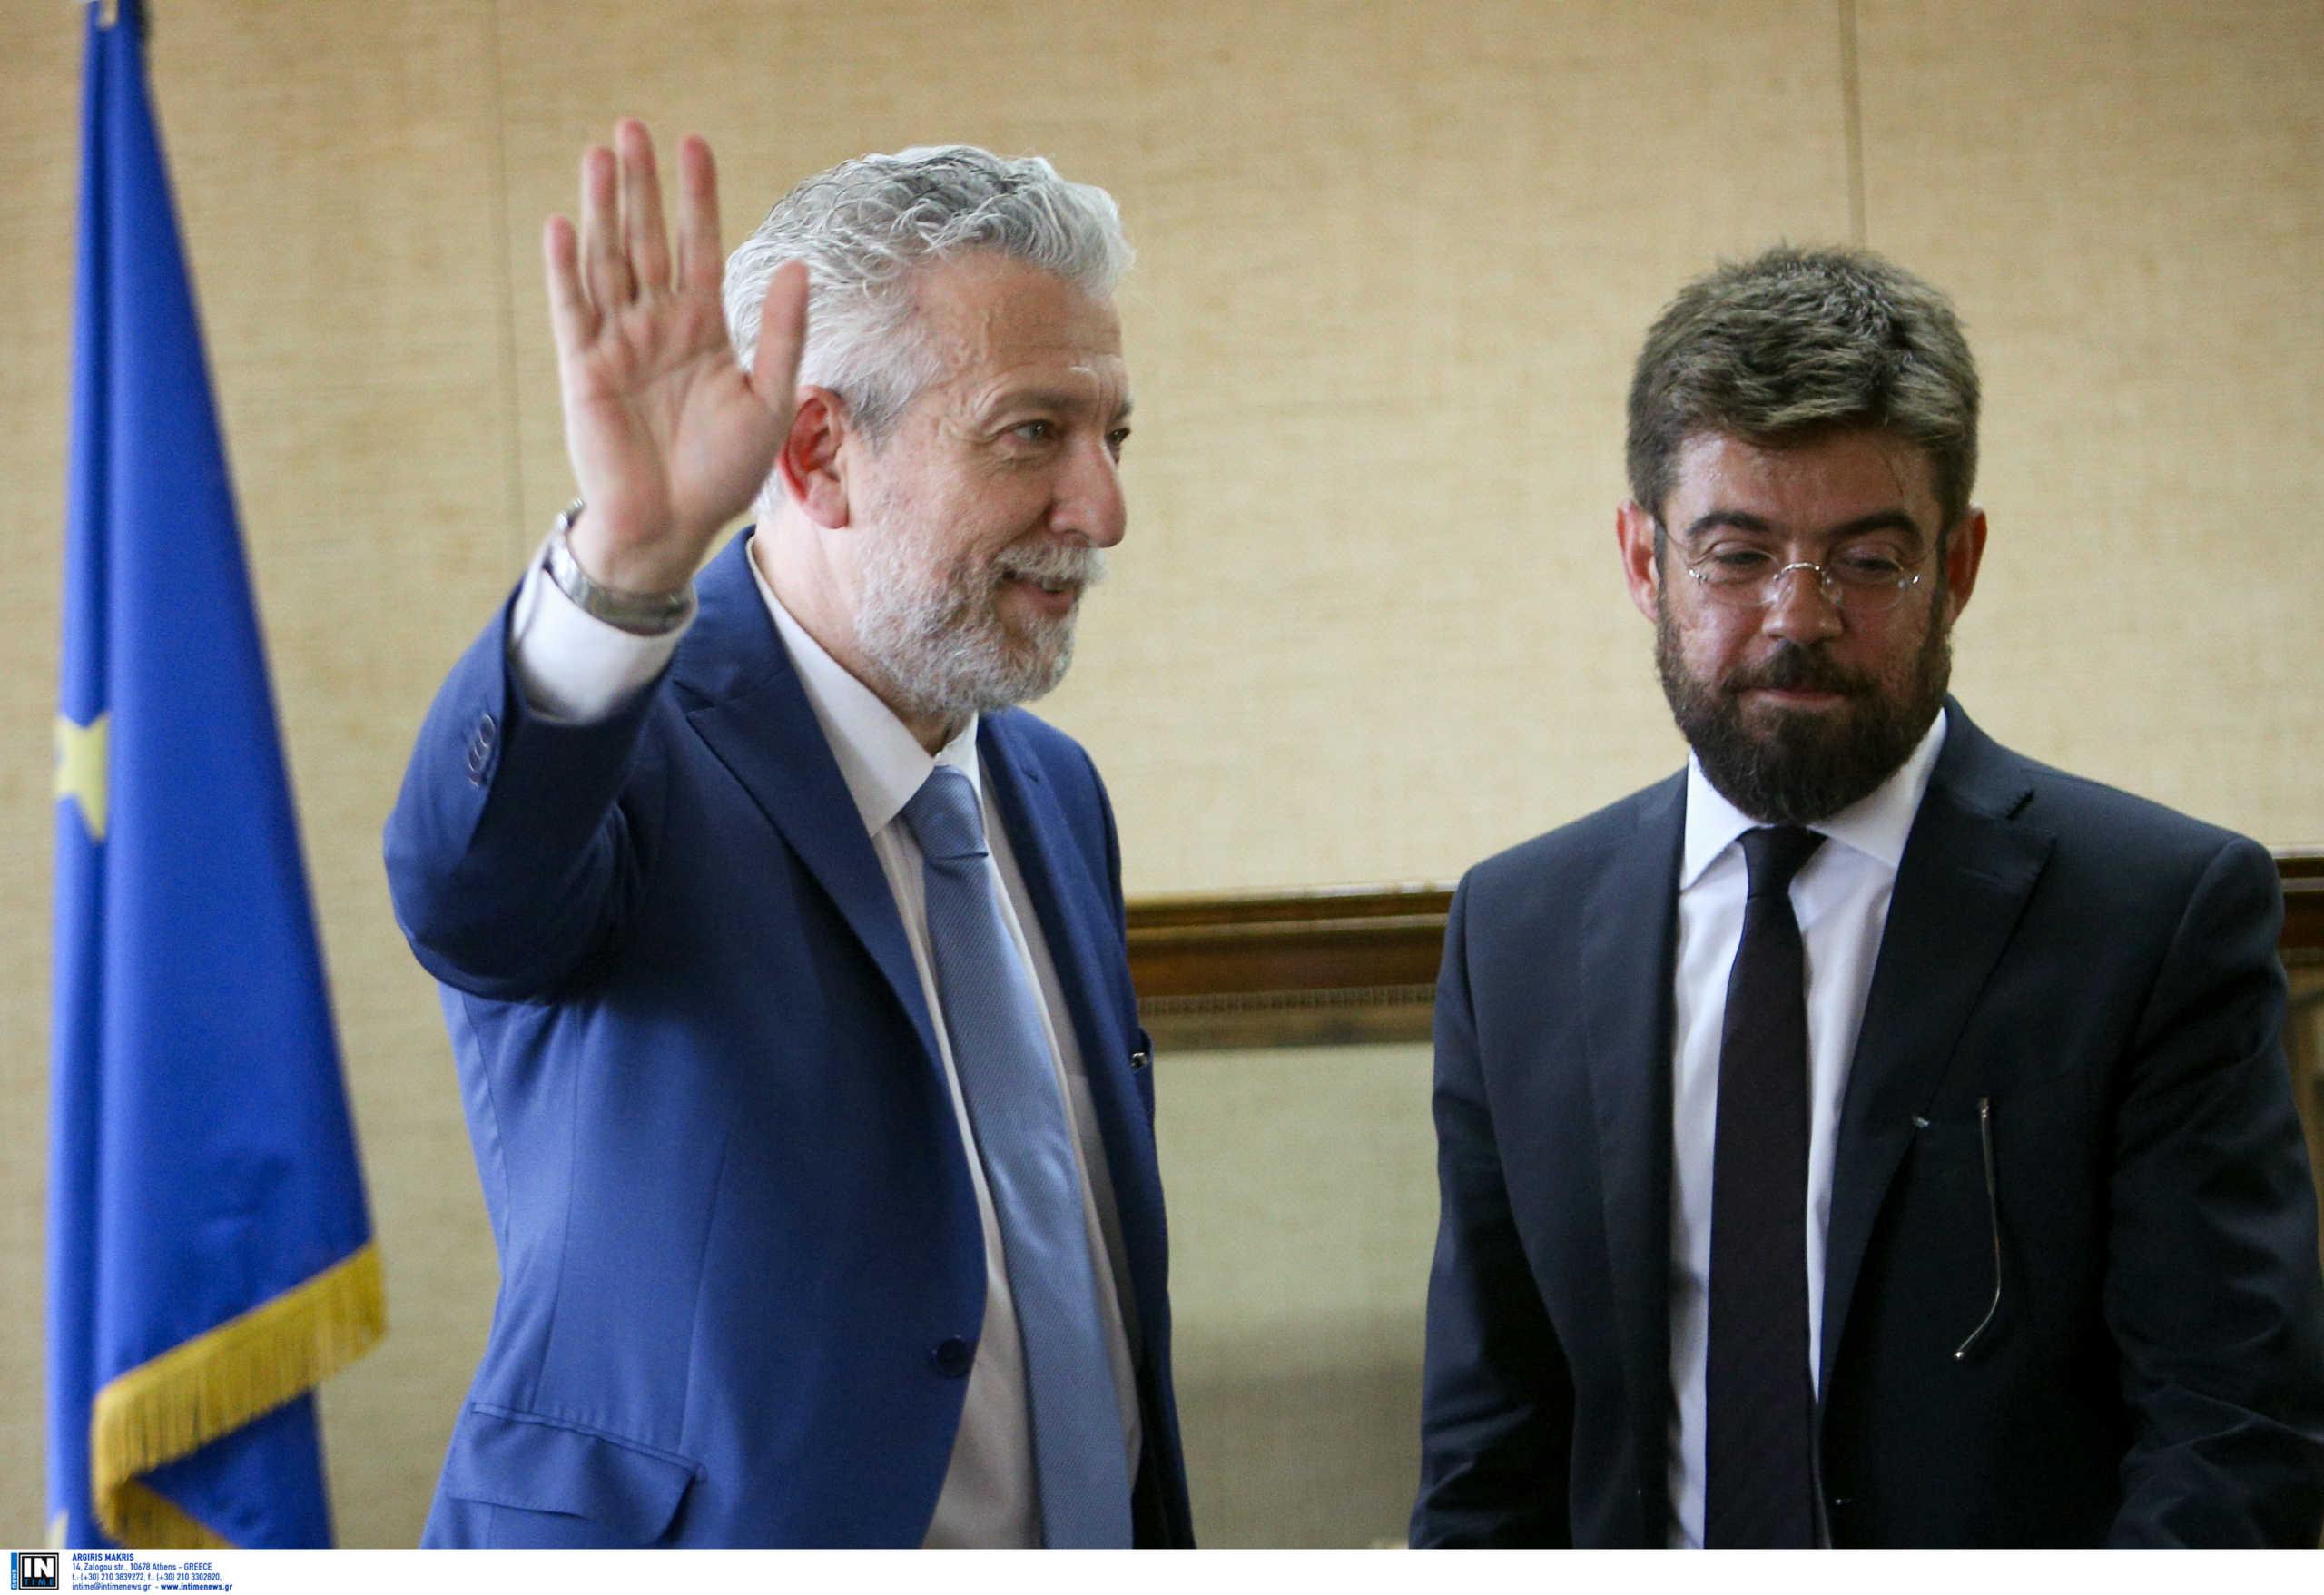 Σταύρος Κοντονής – ΣΥΡΙΖΑ: Το χρονικό μιας διαγραφής και το παρασκήνιο πριν την απόφαση Τσίπρα